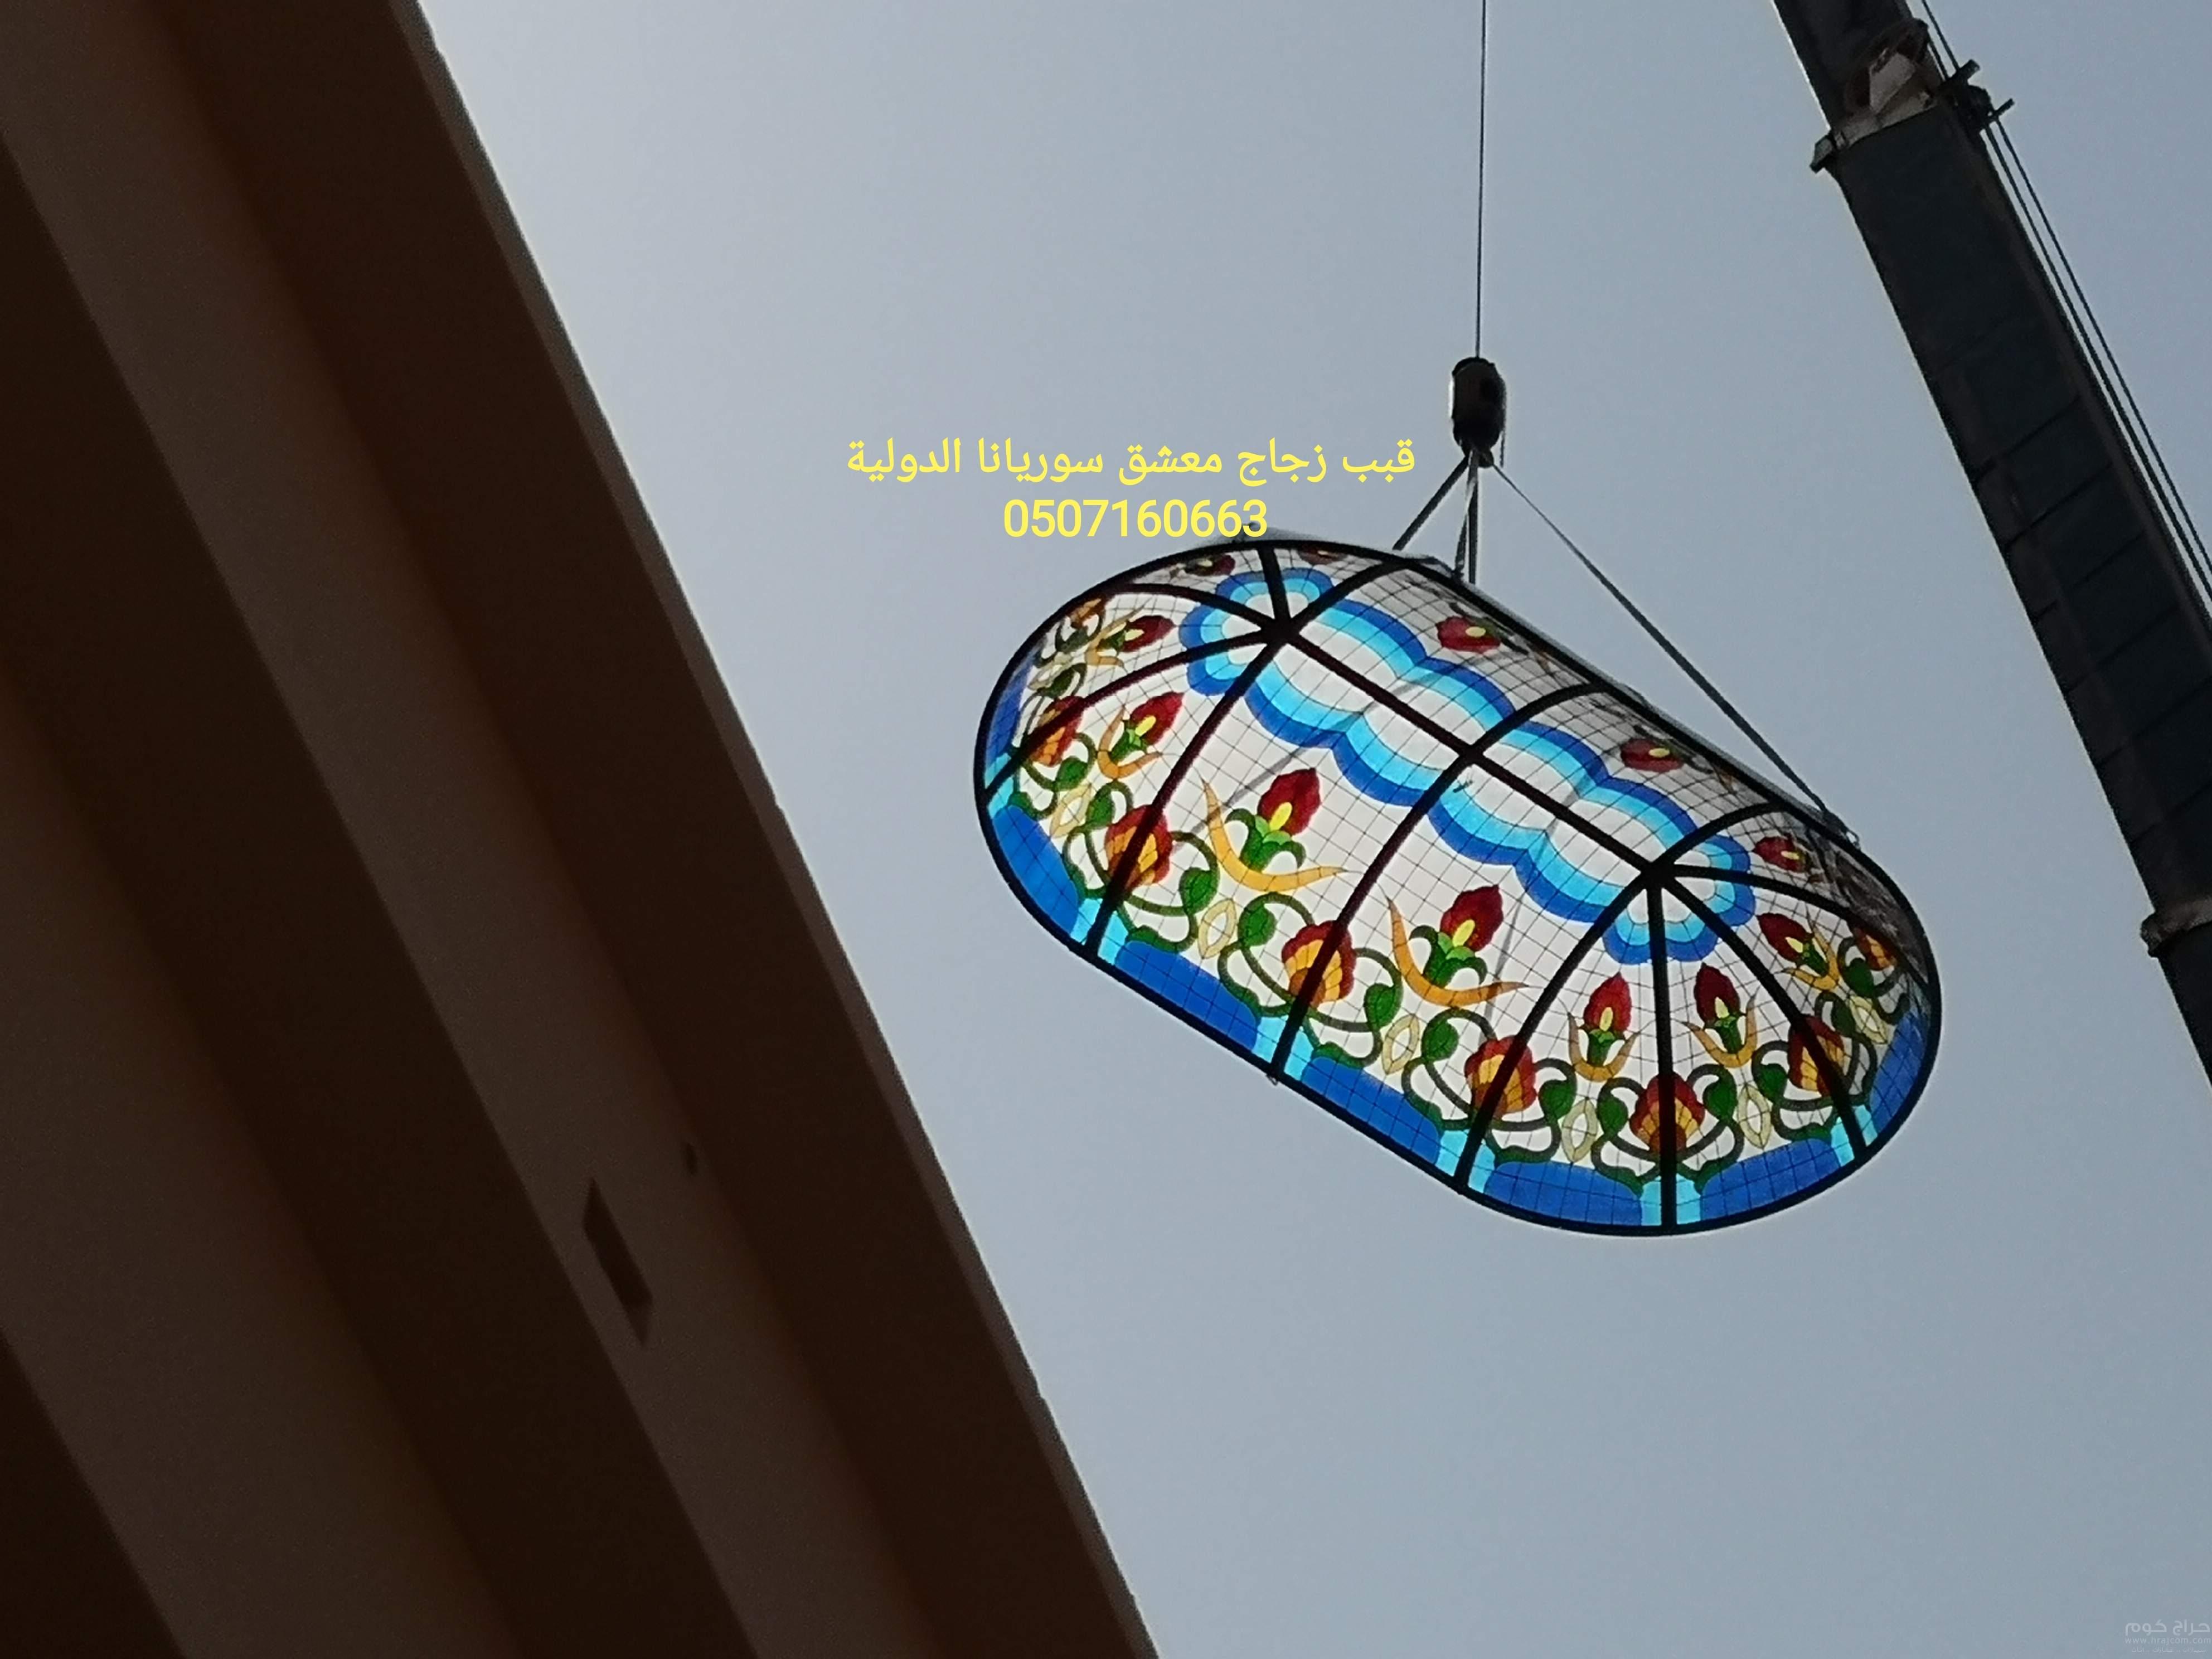 قبب زجاج المعشق0507160663 كرويه وهرميه في مدن المملكه